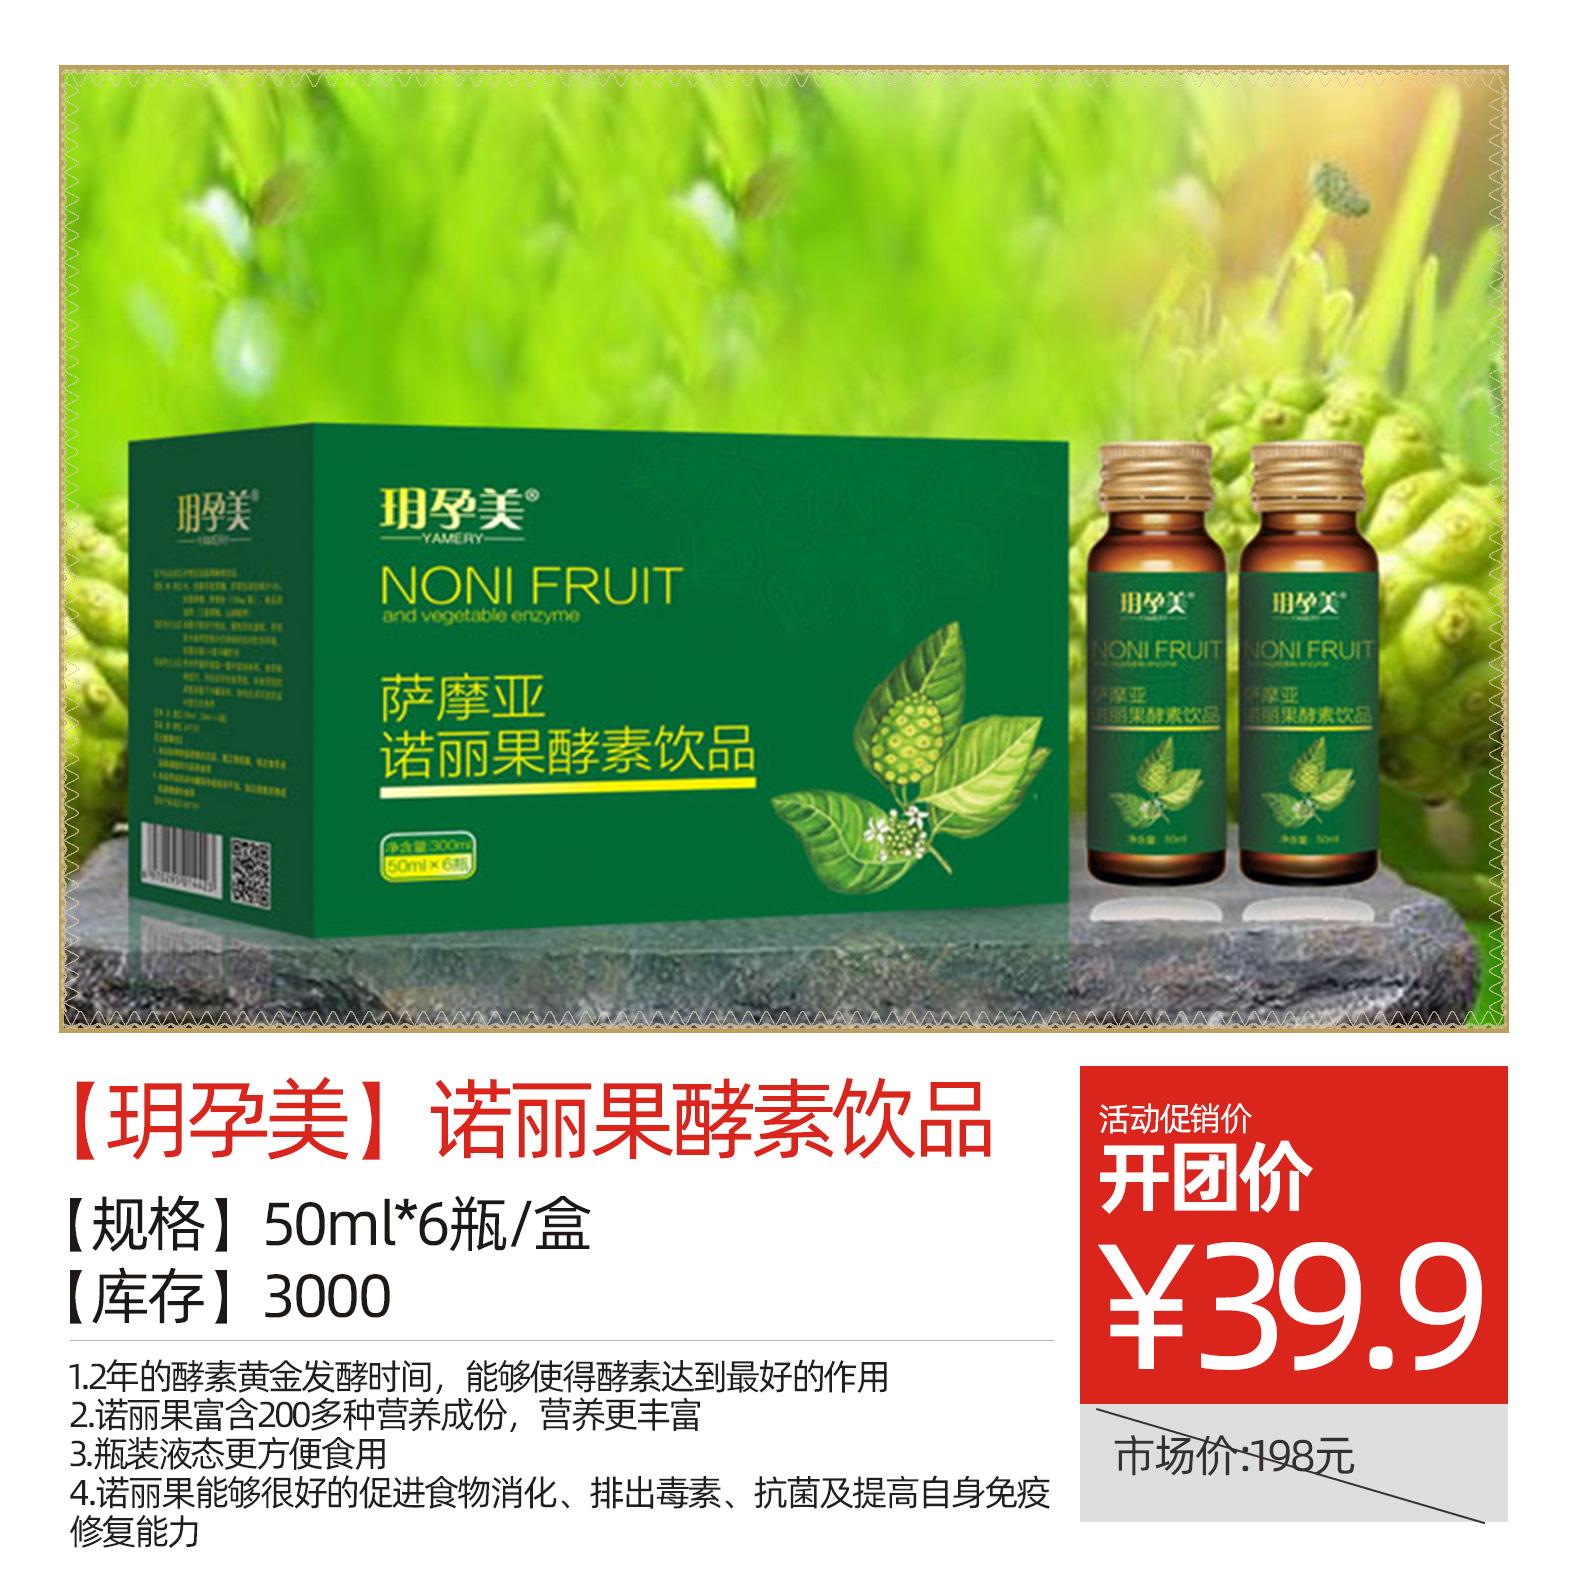 【玥孕美】诺丽果酵素饮品50ml*6瓶/盒